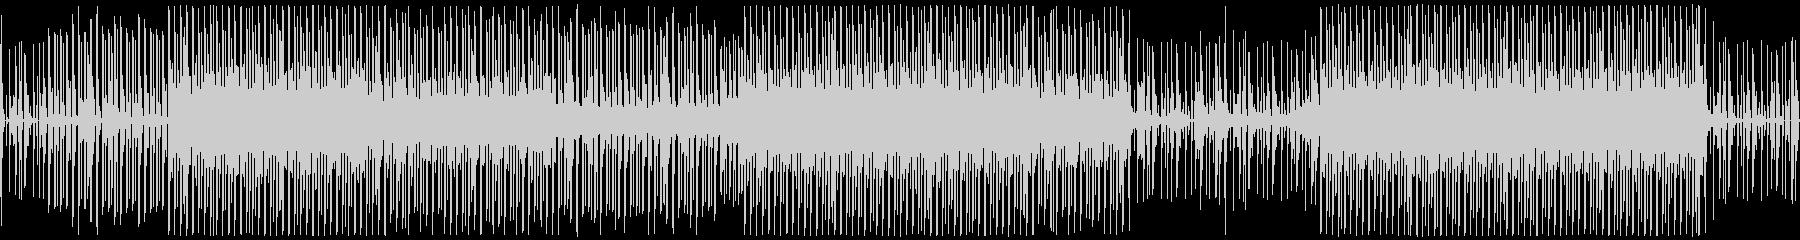 ループ対応の4つ打ミニマルテクノナンバーの未再生の波形